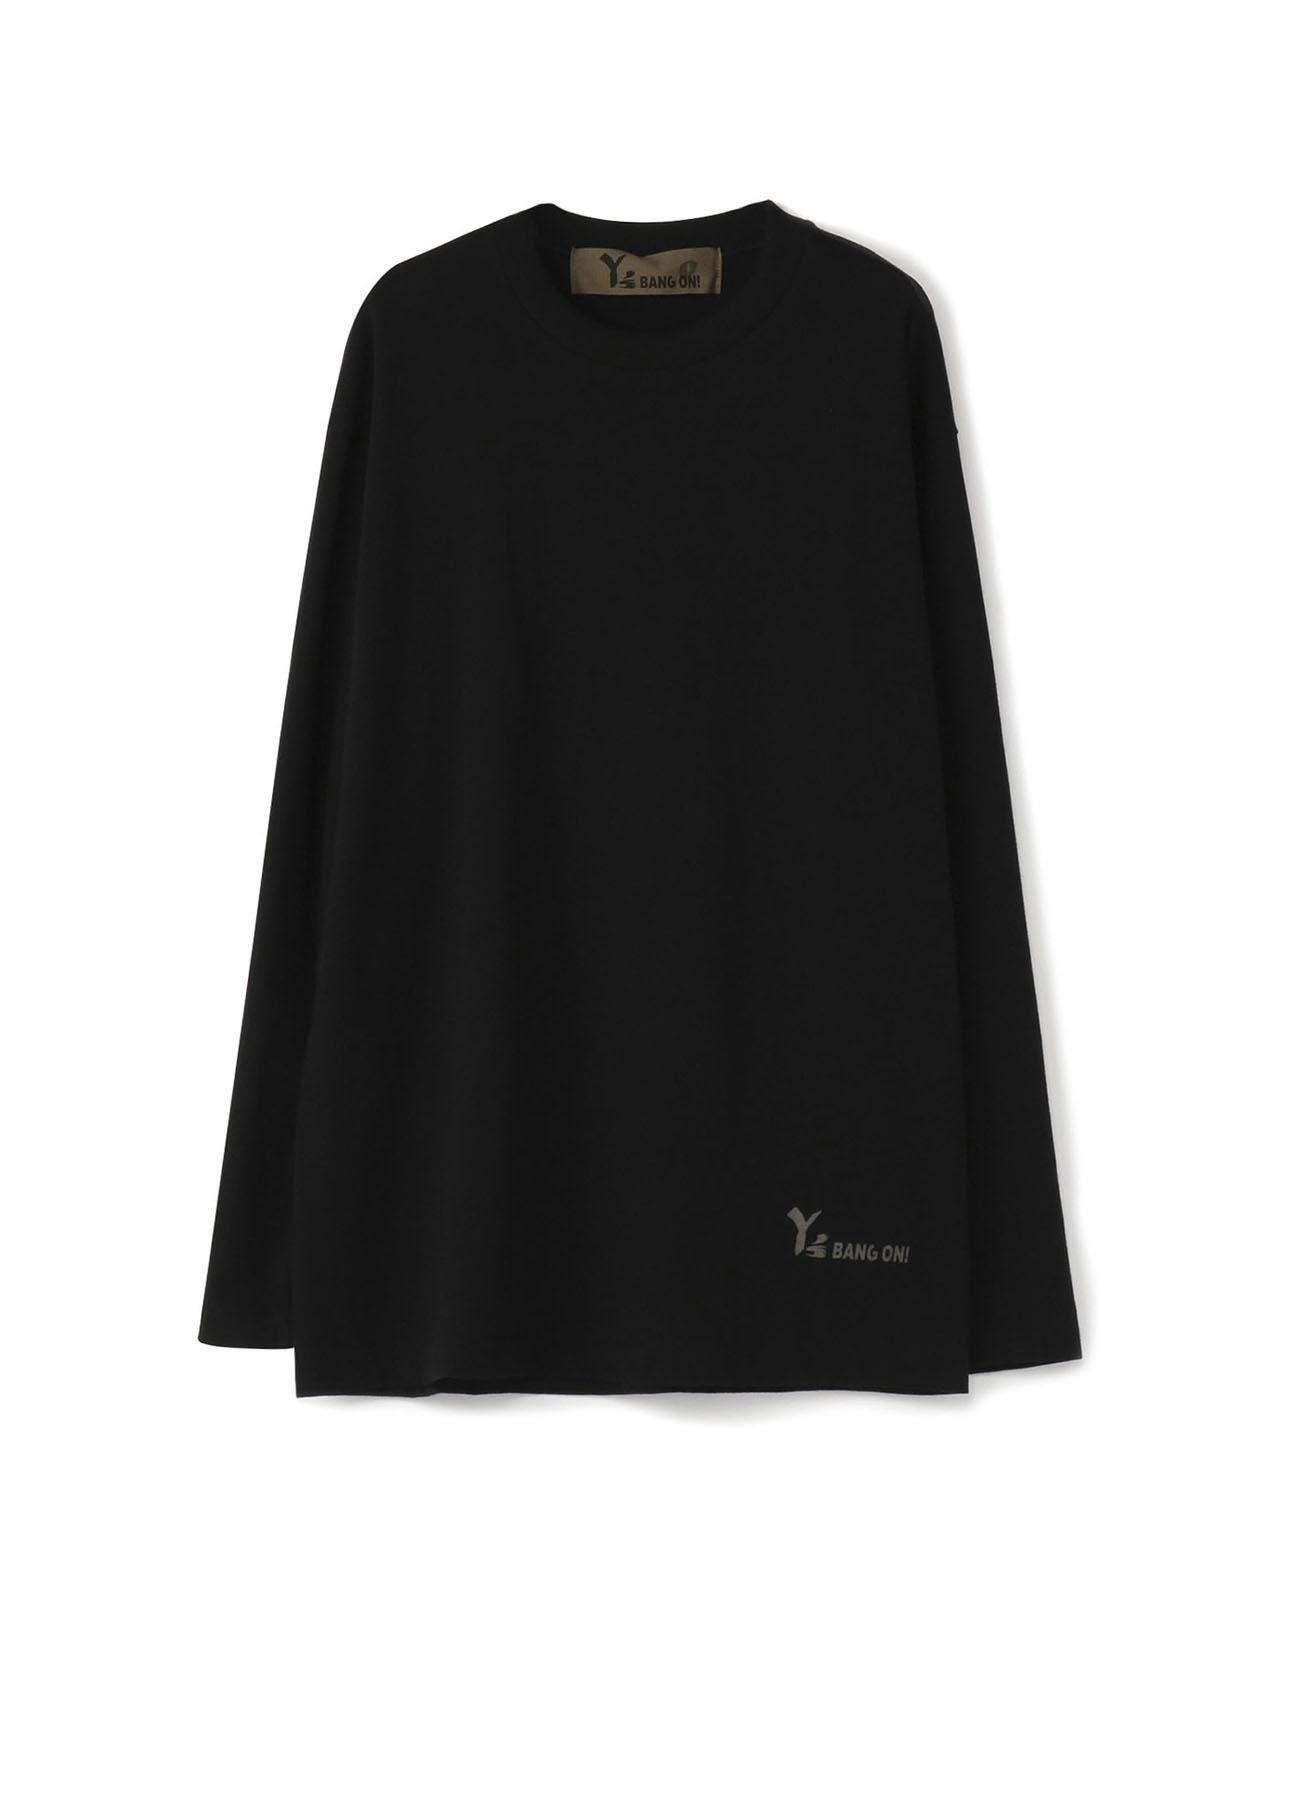 BANG ON! 裾ロゴ 長袖 Tシャツ